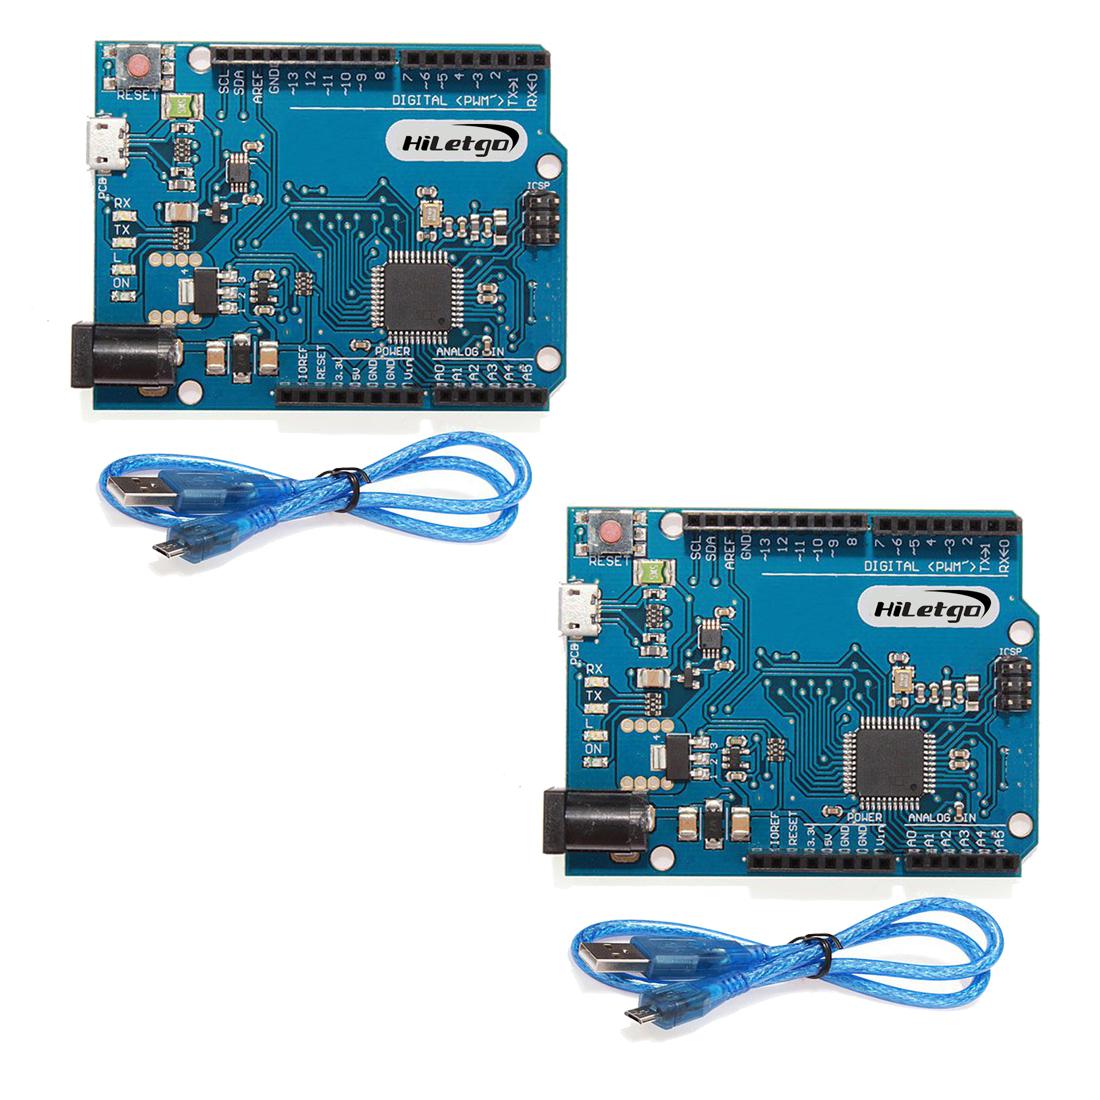 HiLetgo 2pcs Leonardo R3 Pro Micro ATmega32U4 Development Board With USB Cable